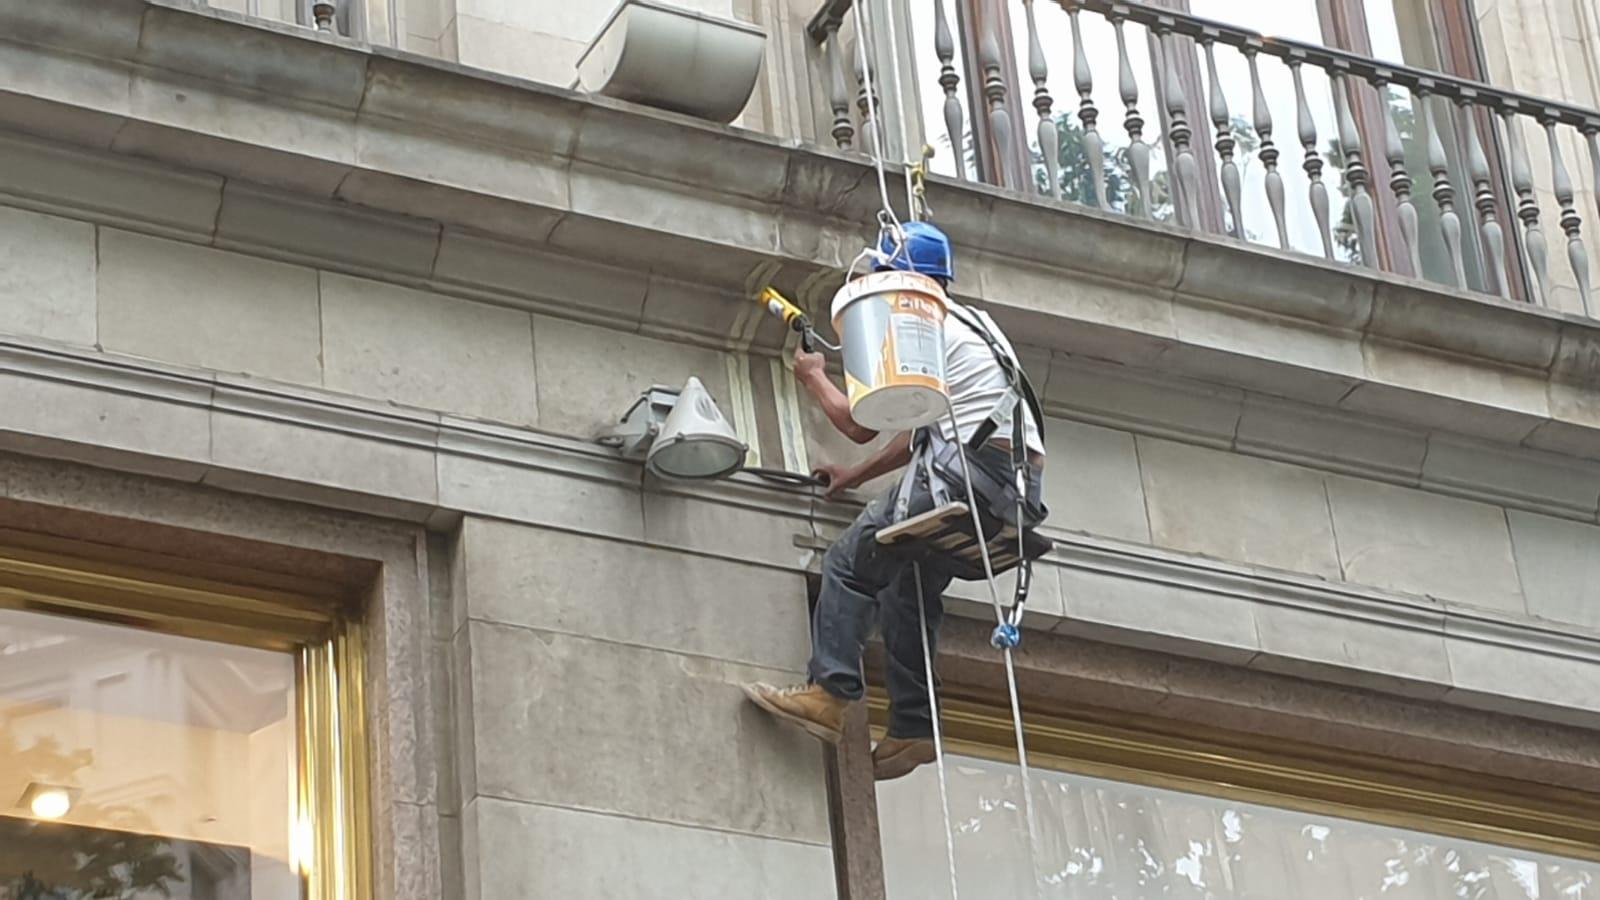 Trabajos verticales de difícil acceso. Paseo de Gracia, 11